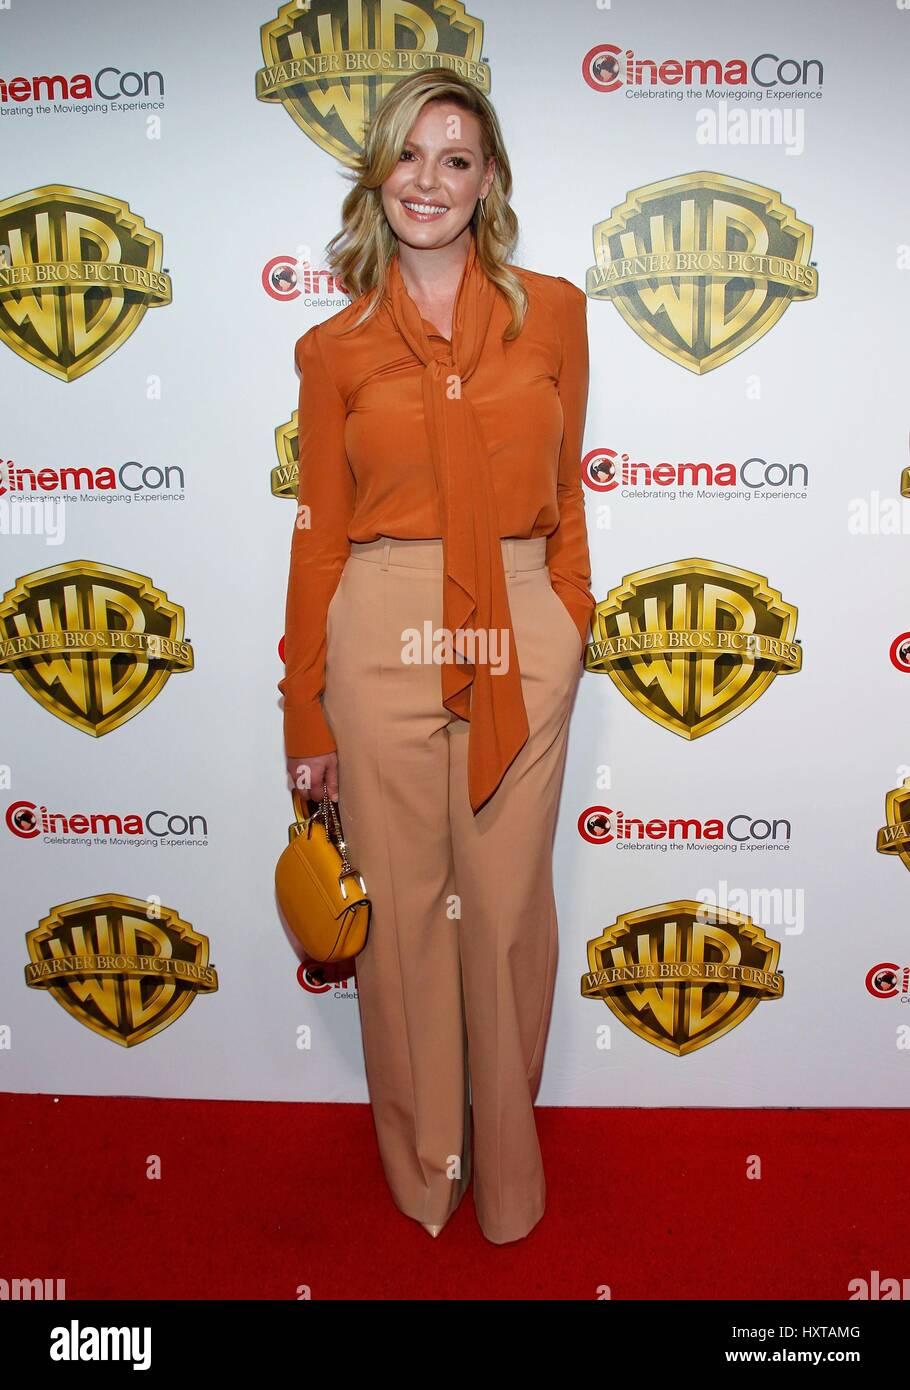 Las Vegas, NV, EE.UU.. 29 Mar, 2017. Katherine Heigl en la terminal de llegadas de Warner Bros Pictures te invita Foto de stock